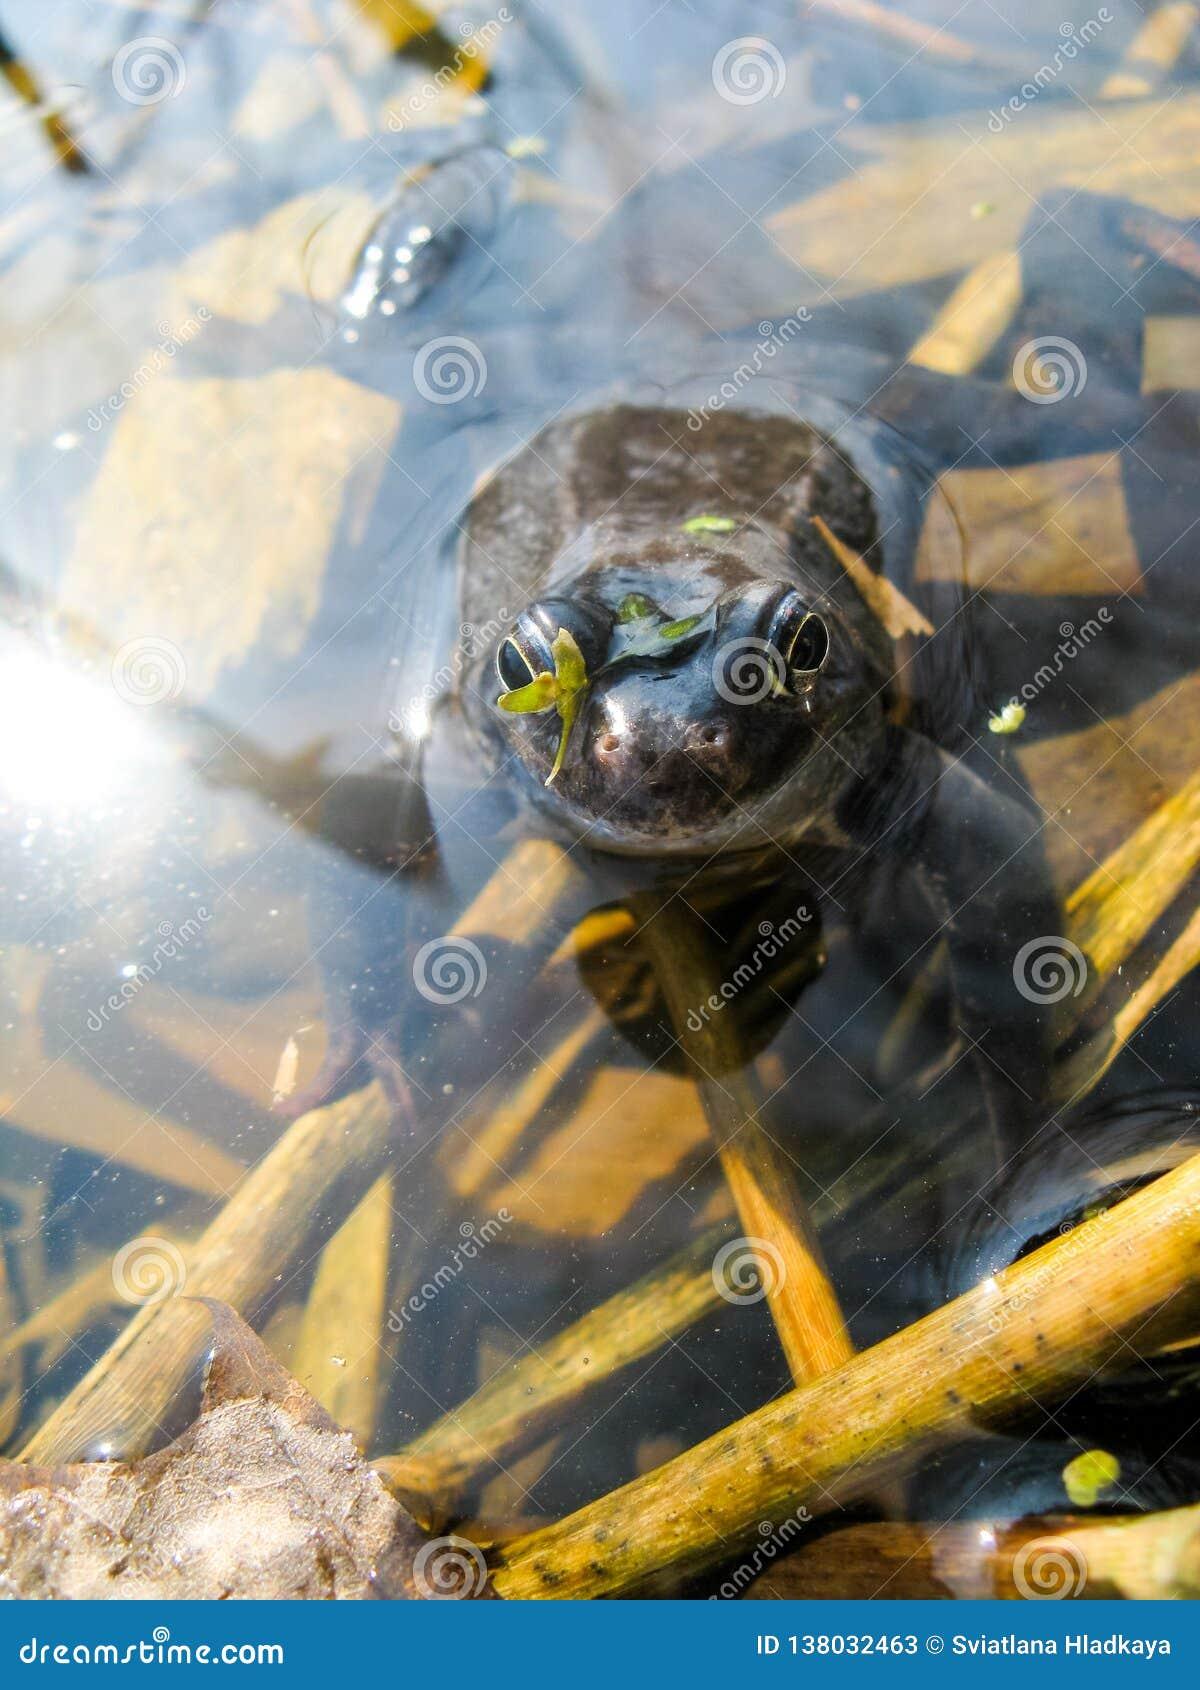 Jonge nieuwsgierige natte kikker met doende zwellen ogen die uit het water gluren